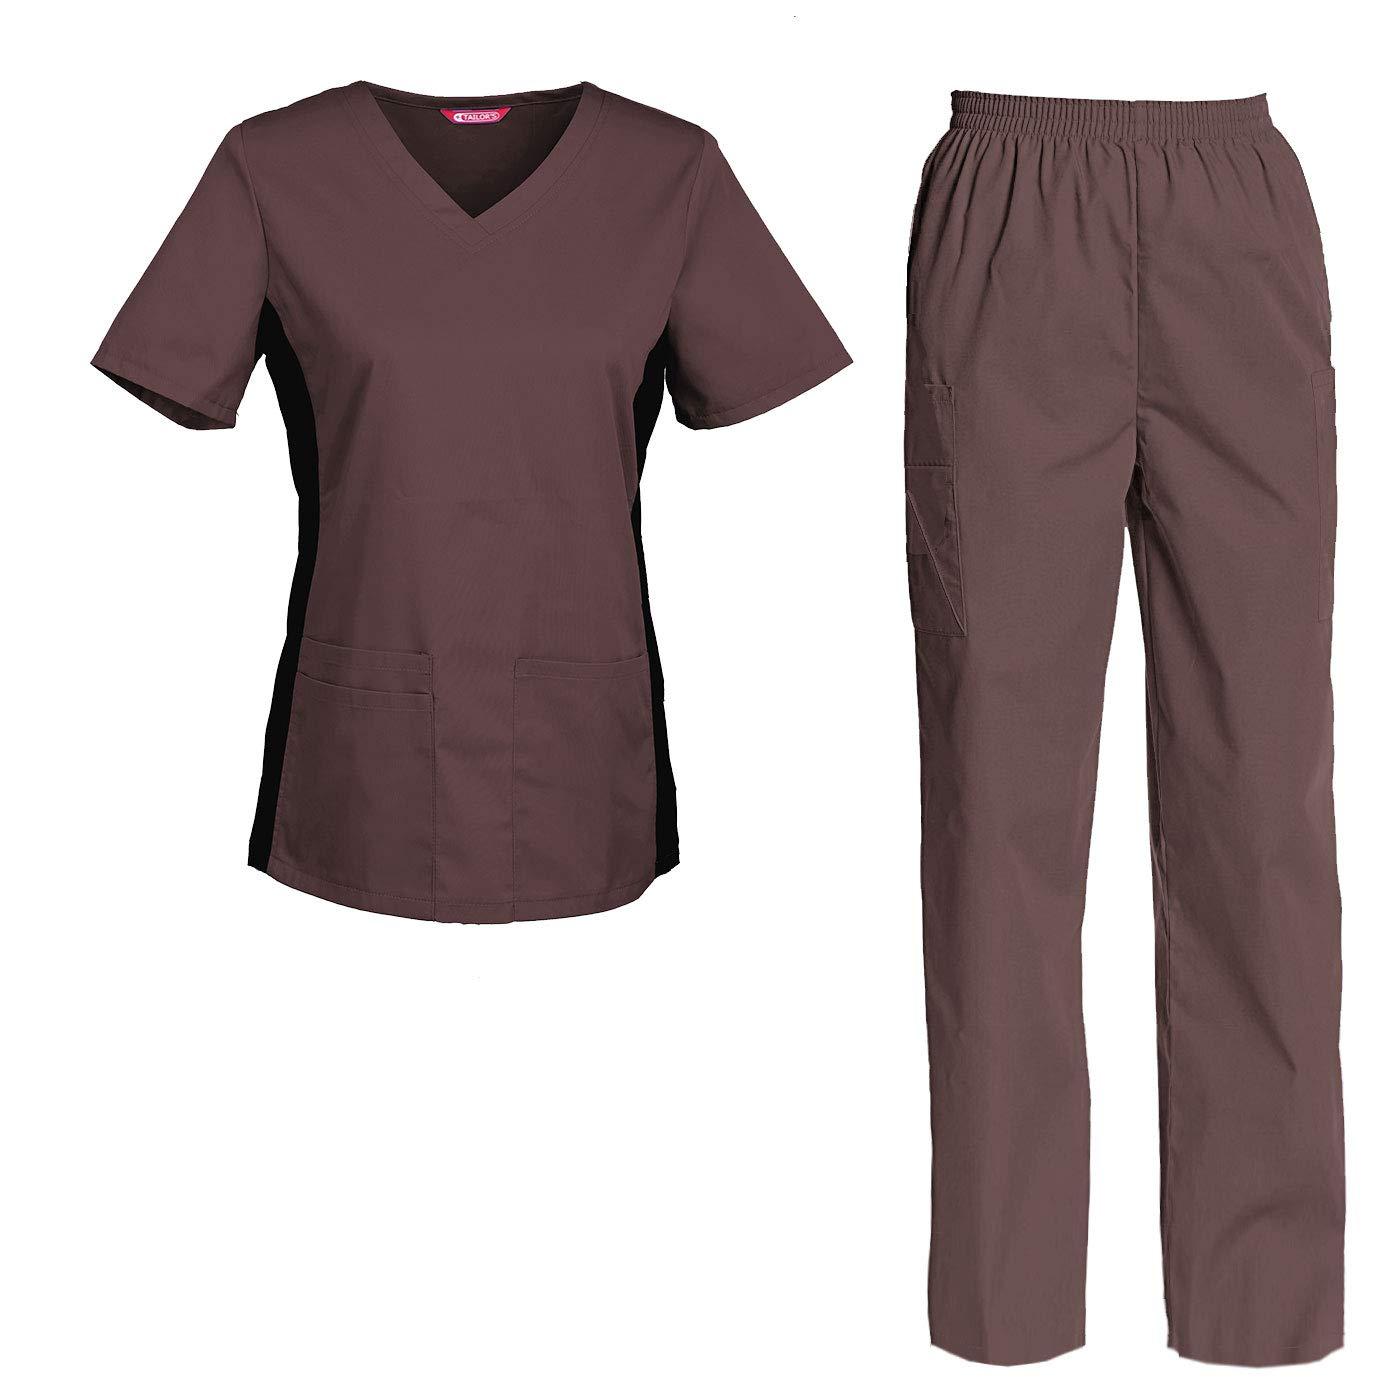 TAILORS Divisa Ospedaliera sanforizzato Pantaloni Casacca Scollo a V Sanitaria Medicale per Medico Infermiere OSS Estetista